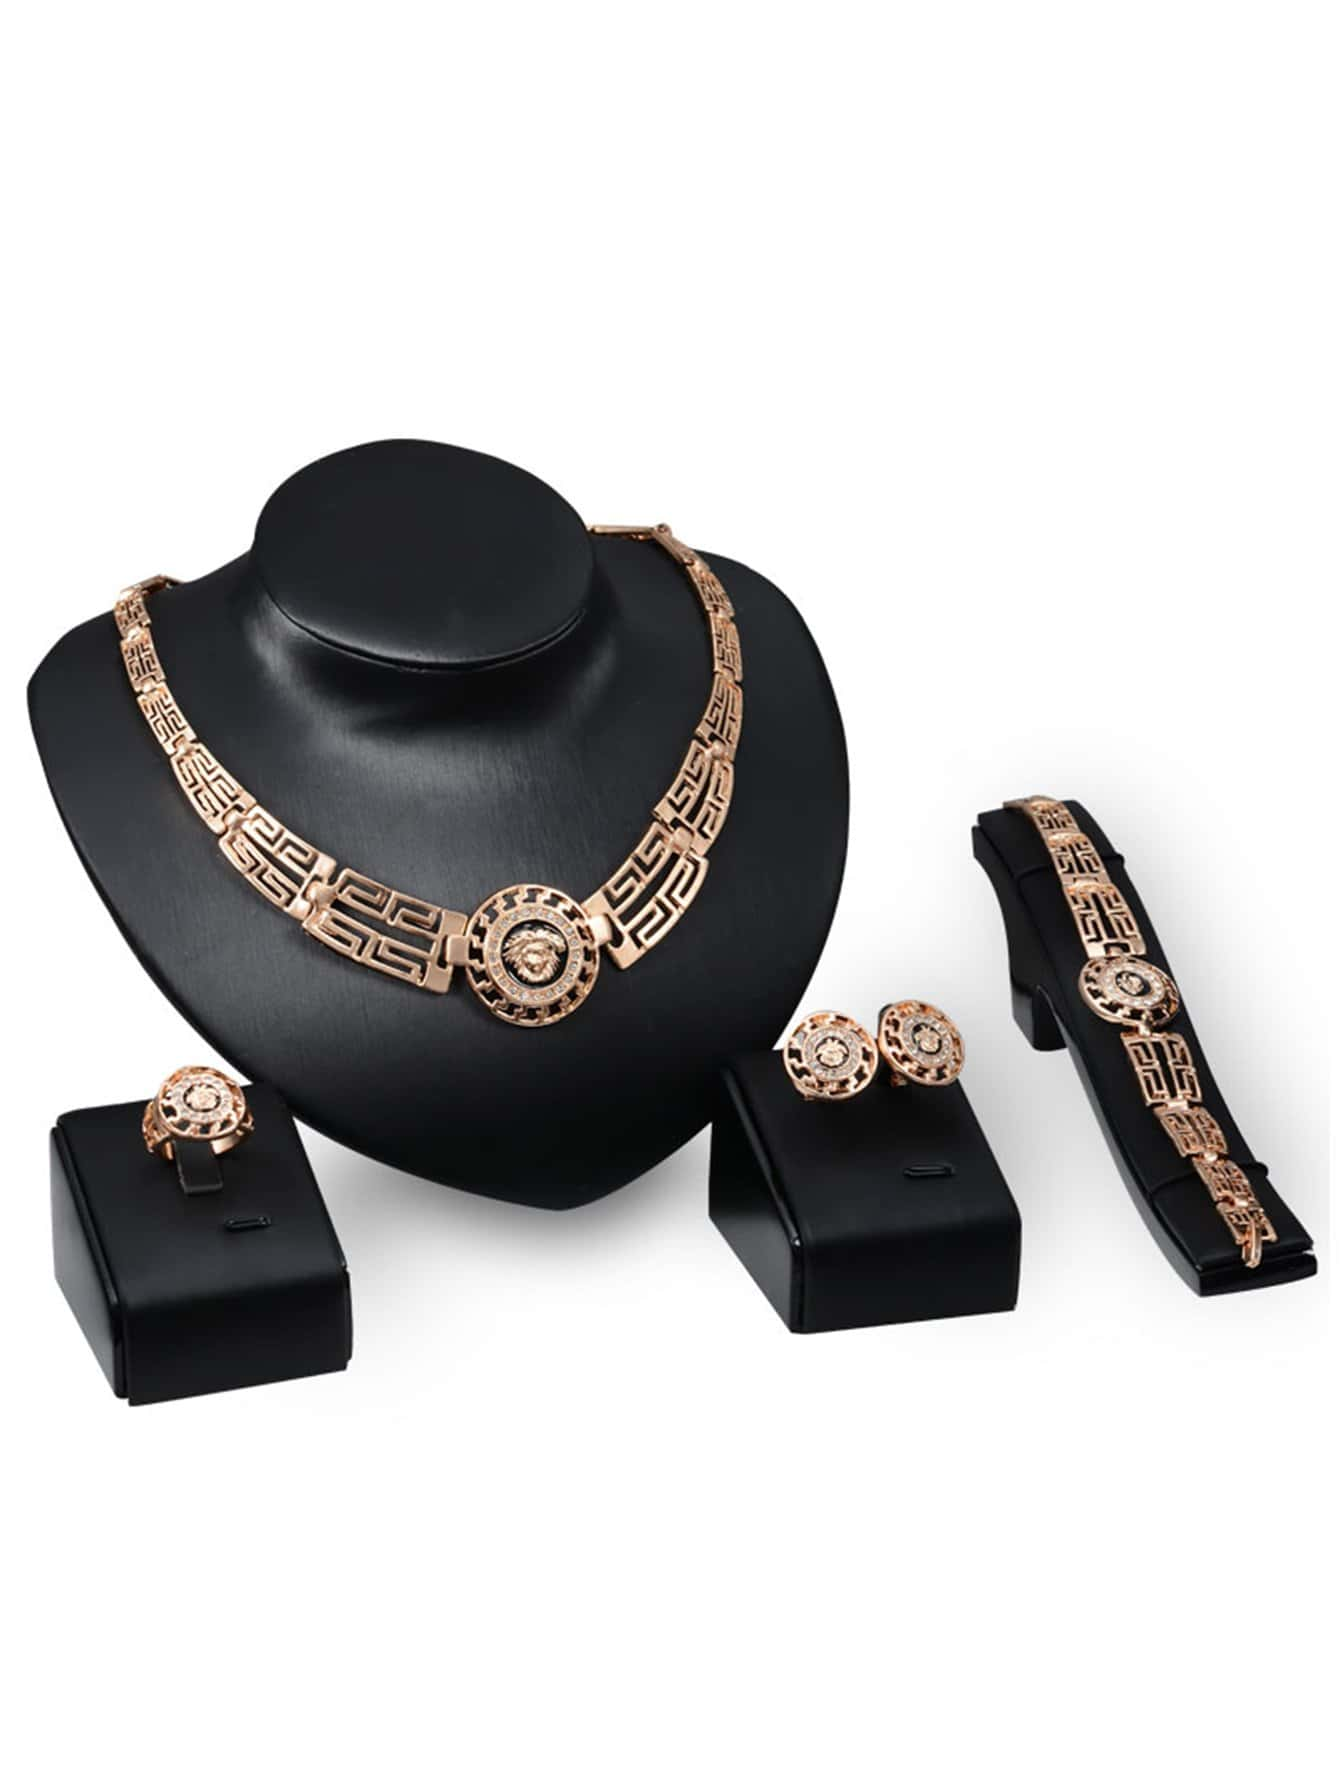 Halskette mit ausgehöhltem rundem Anhänger, Armband, Ring und Ohrringe